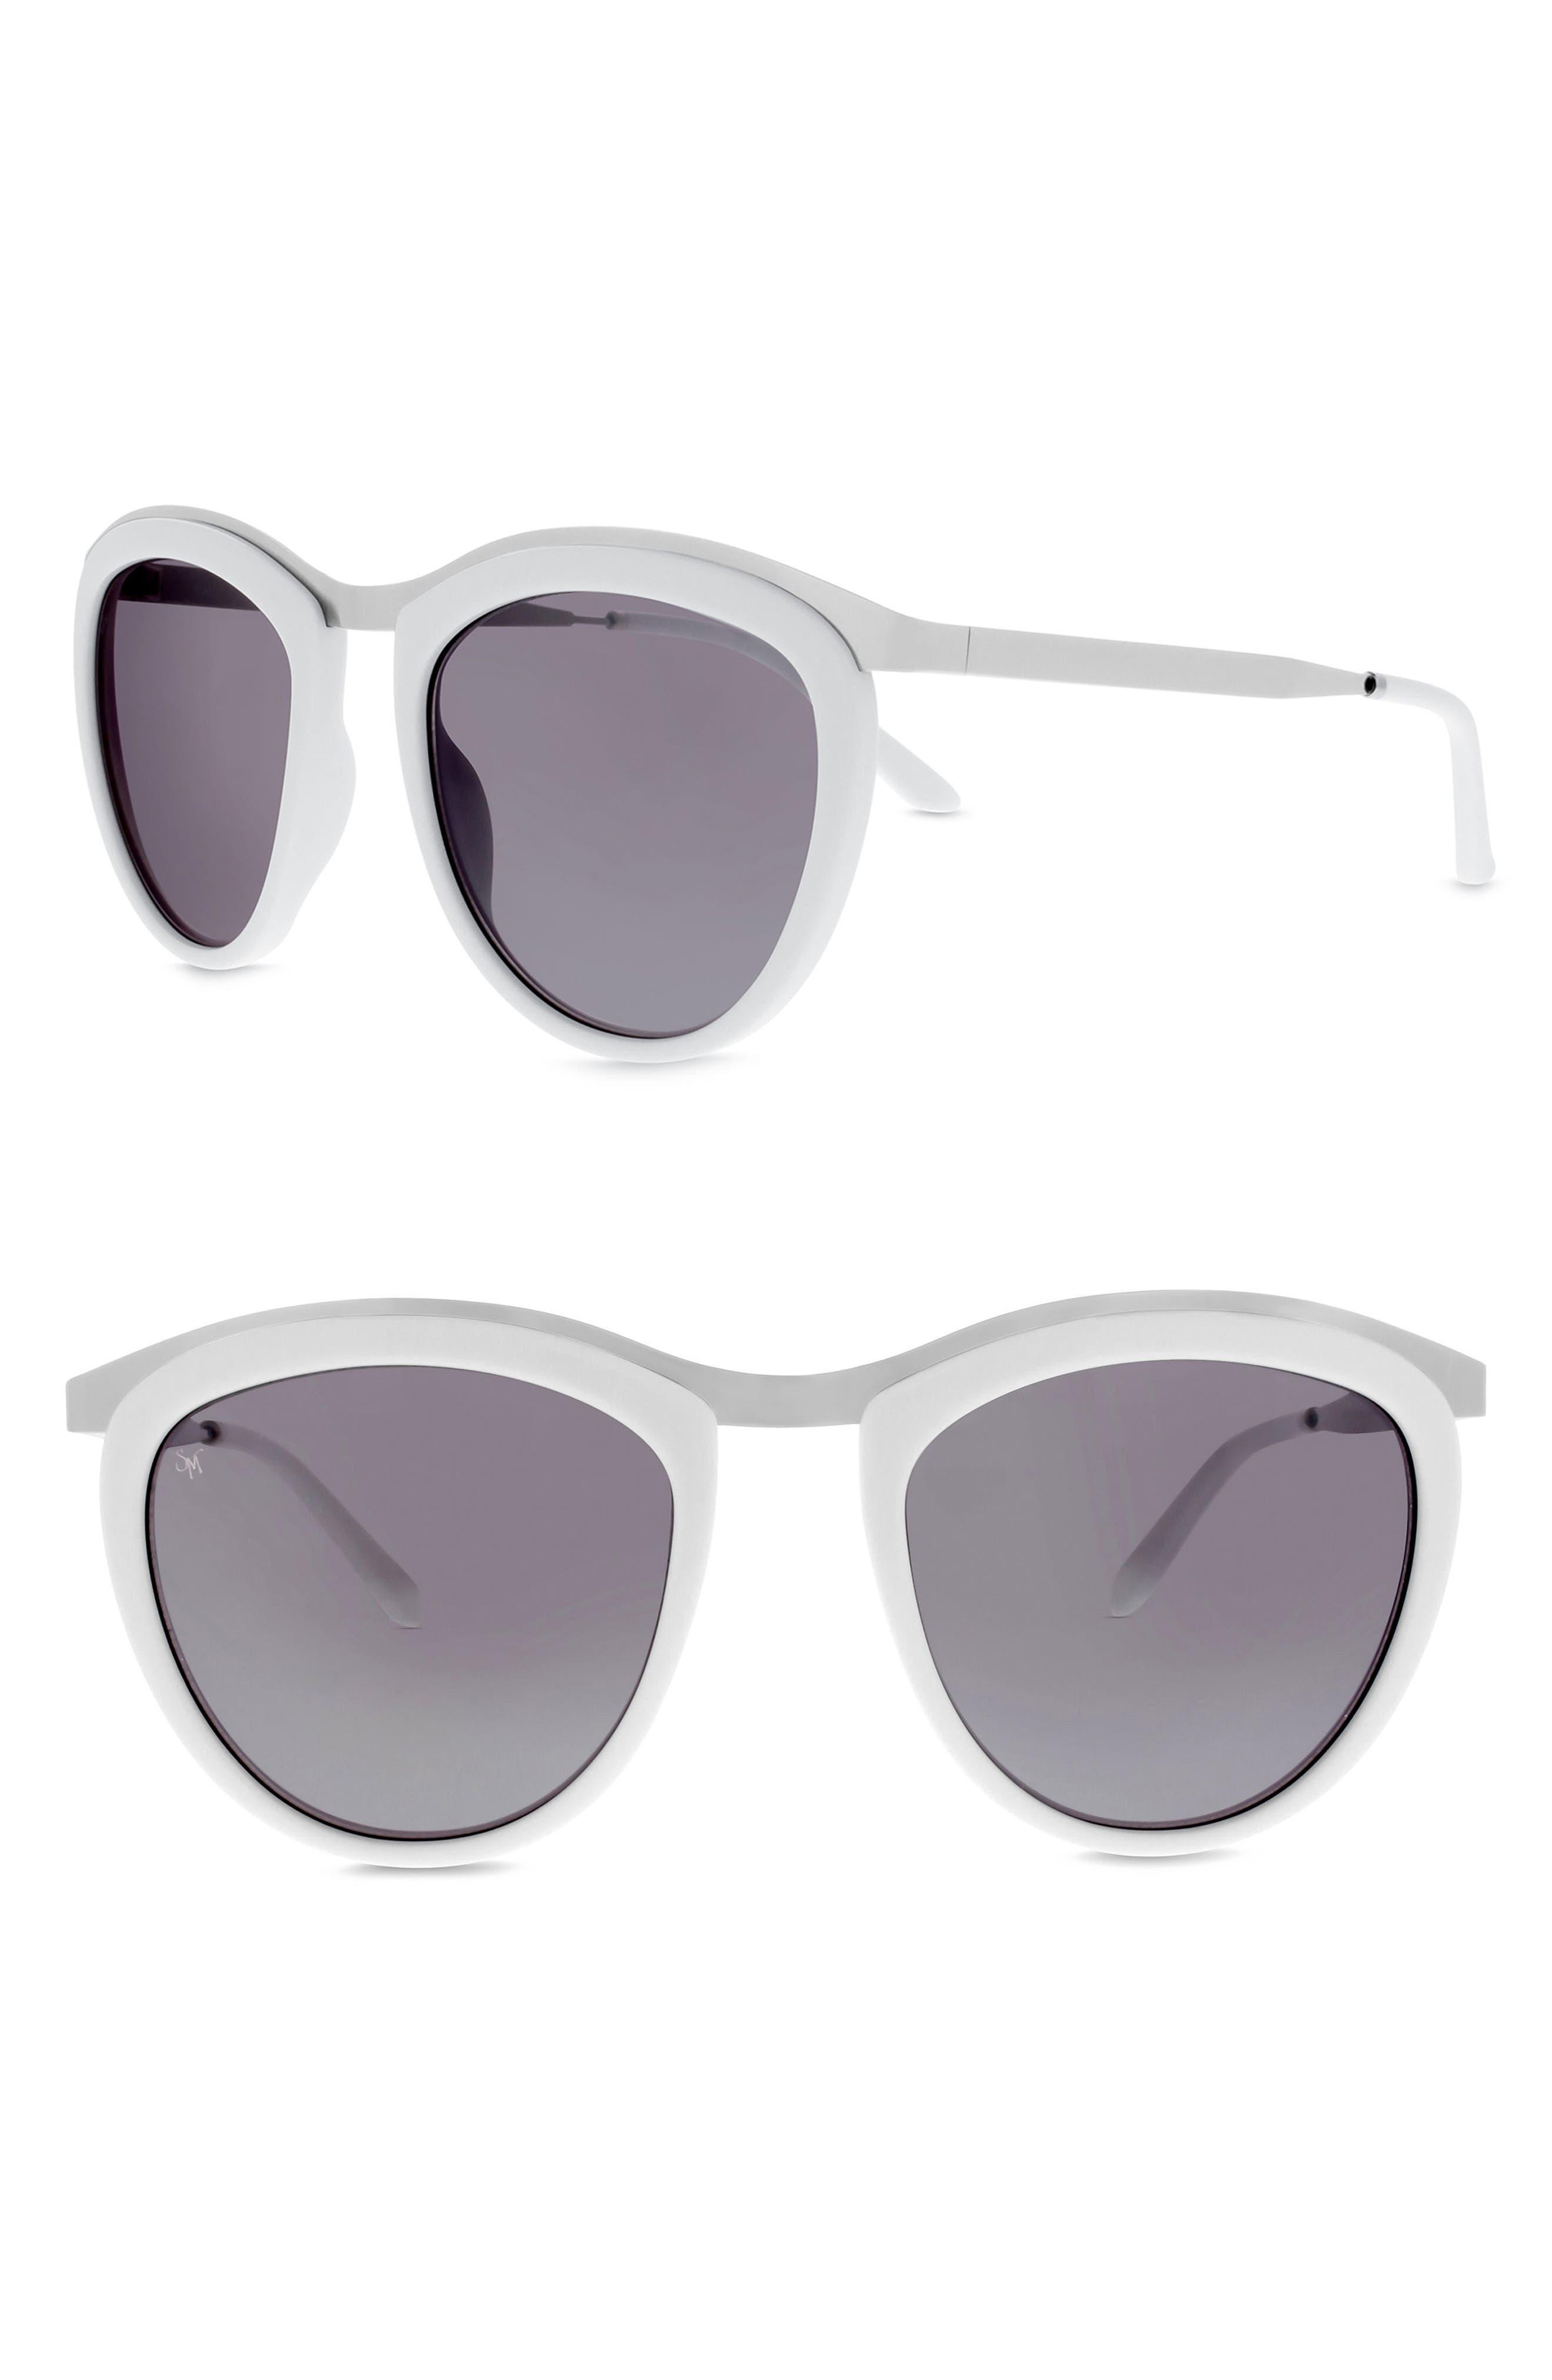 Comic Strip 51mm Round Sunglasses,                         Main,                         color, White/ Silver/ Silver Mirror